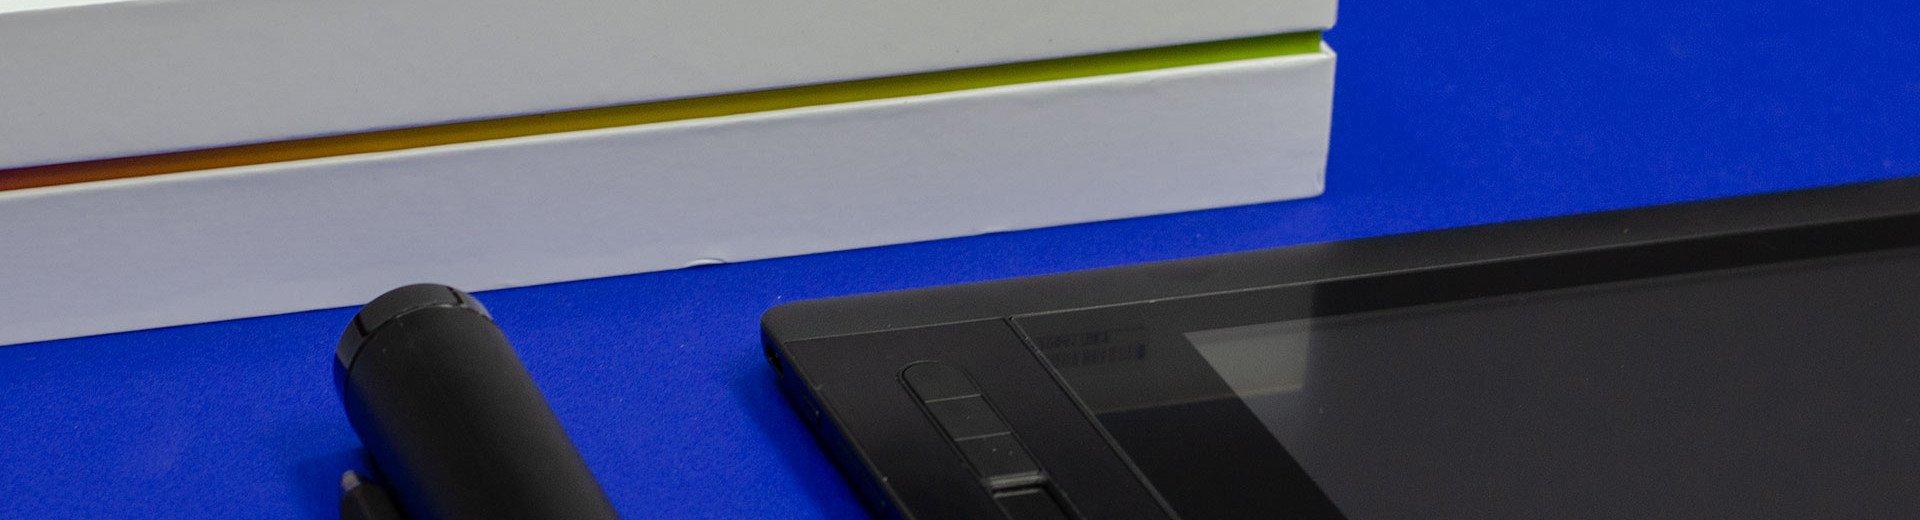 Okładka artykułu Budżetowy tablet graficzny z ekranem — Recenzja XP Pen Artist 12